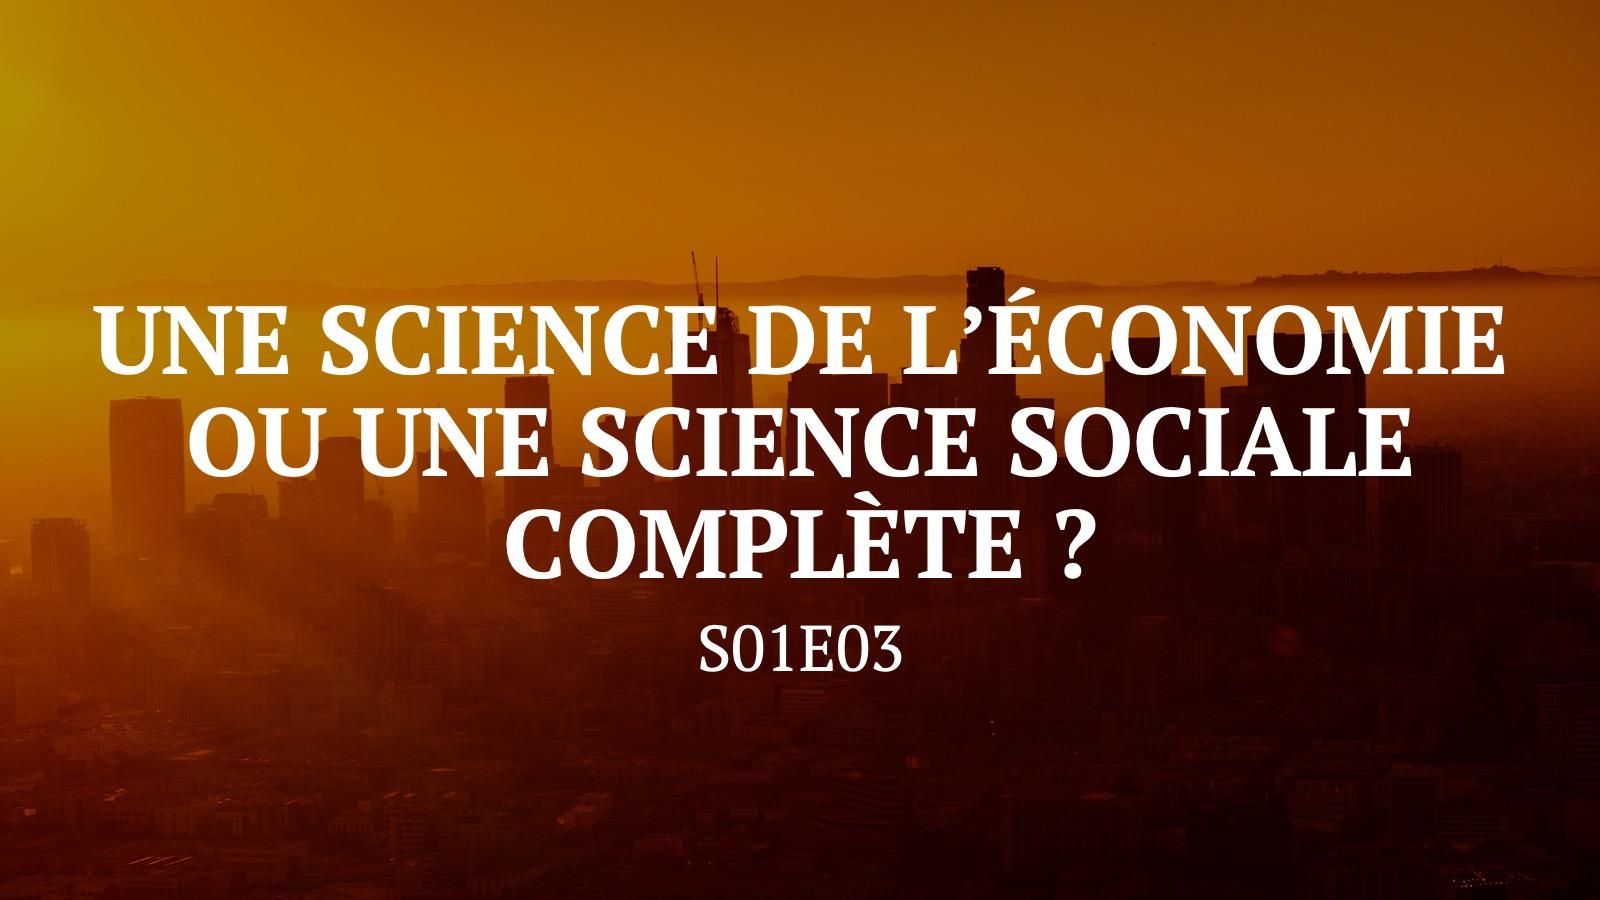 Une science de l'économie ou une science sociale complète ? S01E03